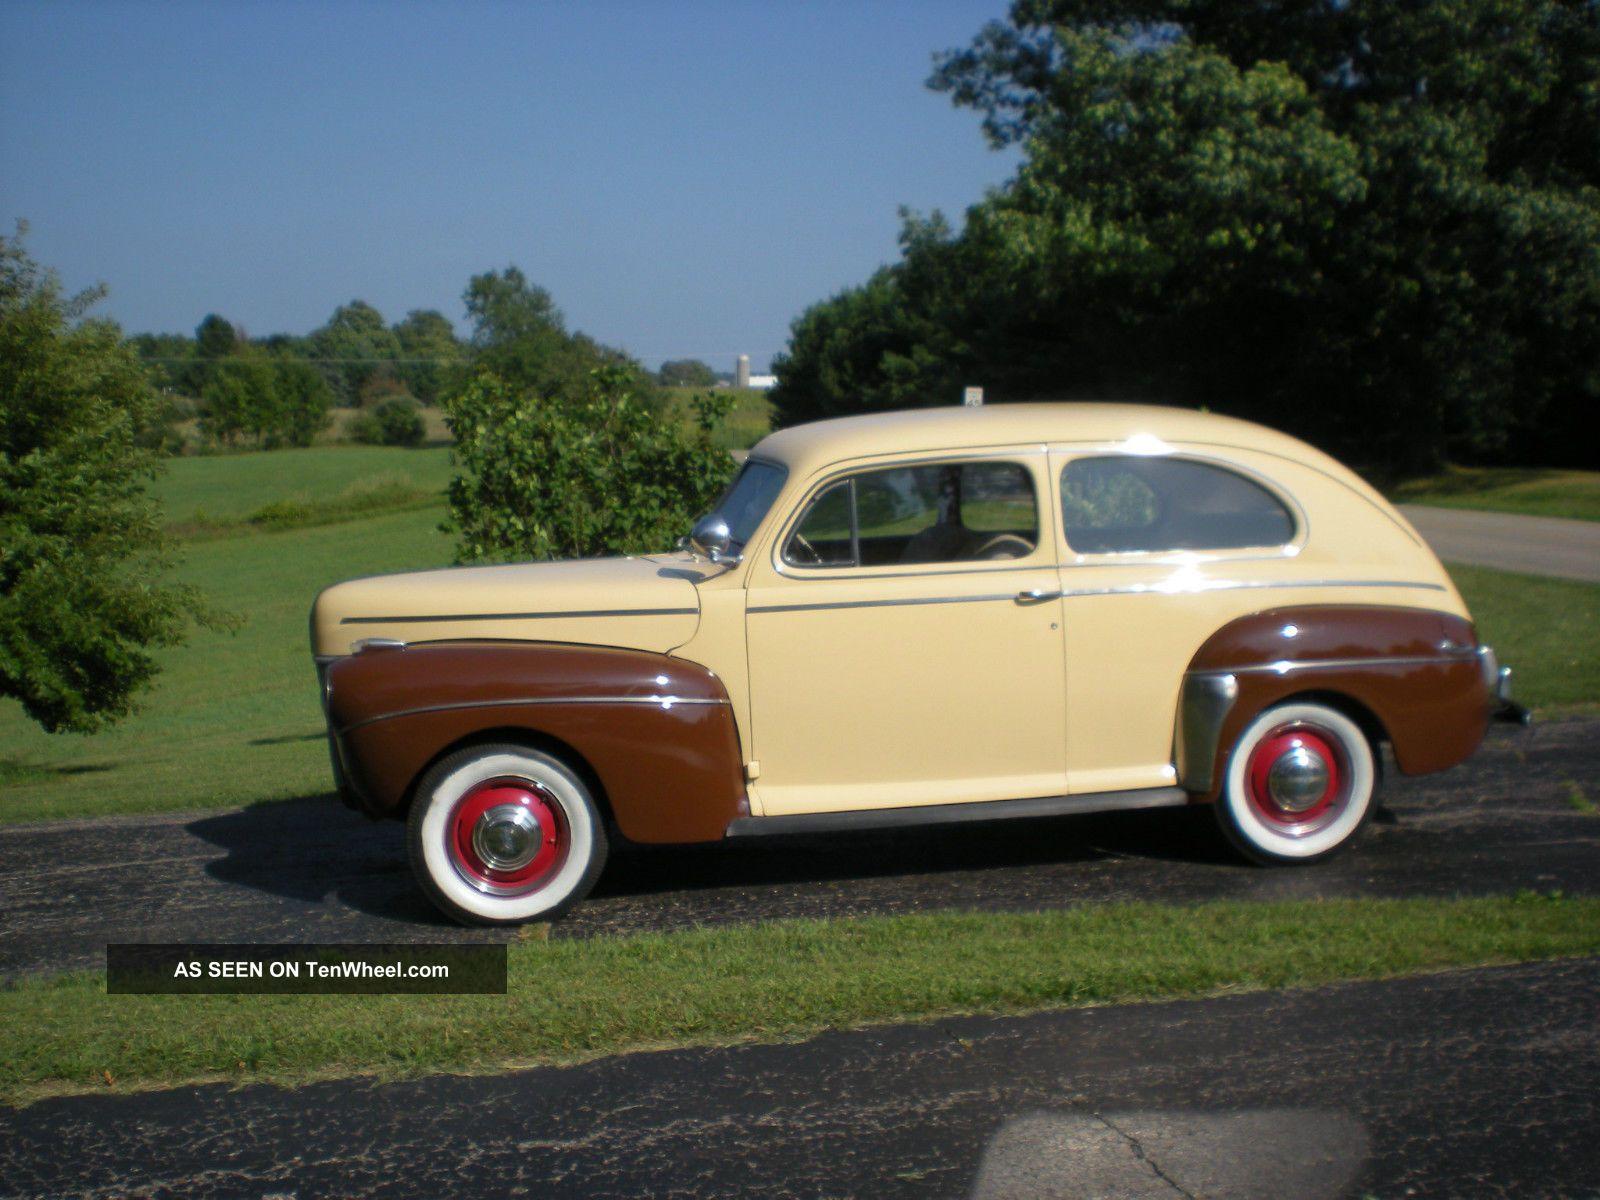 1941 Ford Sedan Hot Rod Truck Deluxe 2 Door